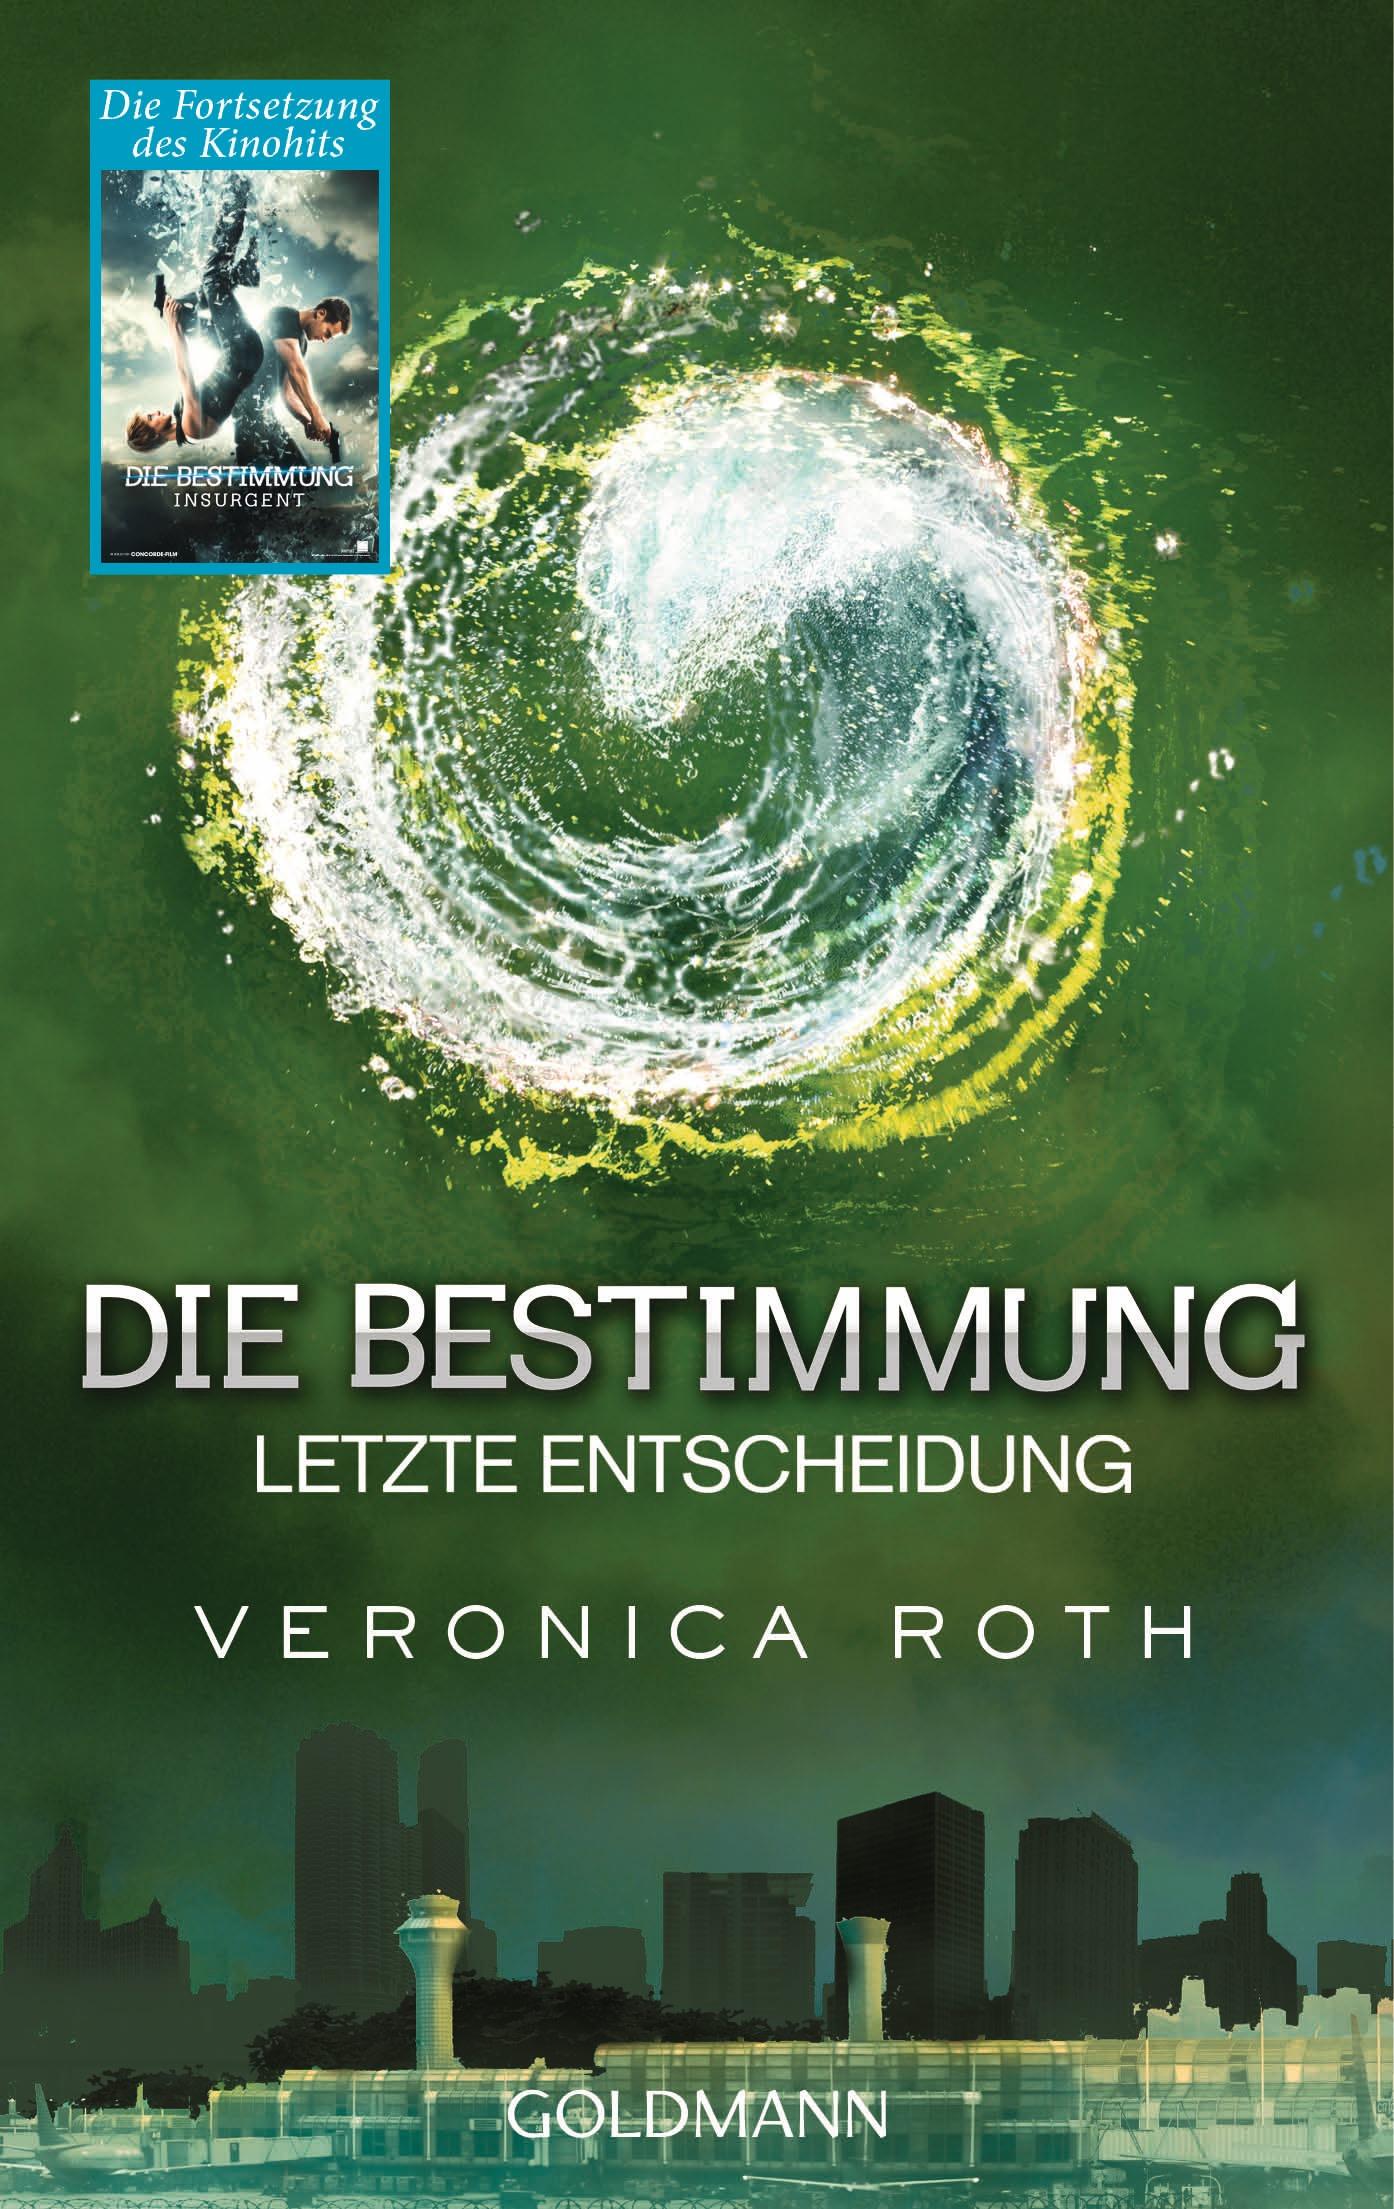 Die Bestimmung: Band 3 - Letzte Entscheidung - Veronica Roth